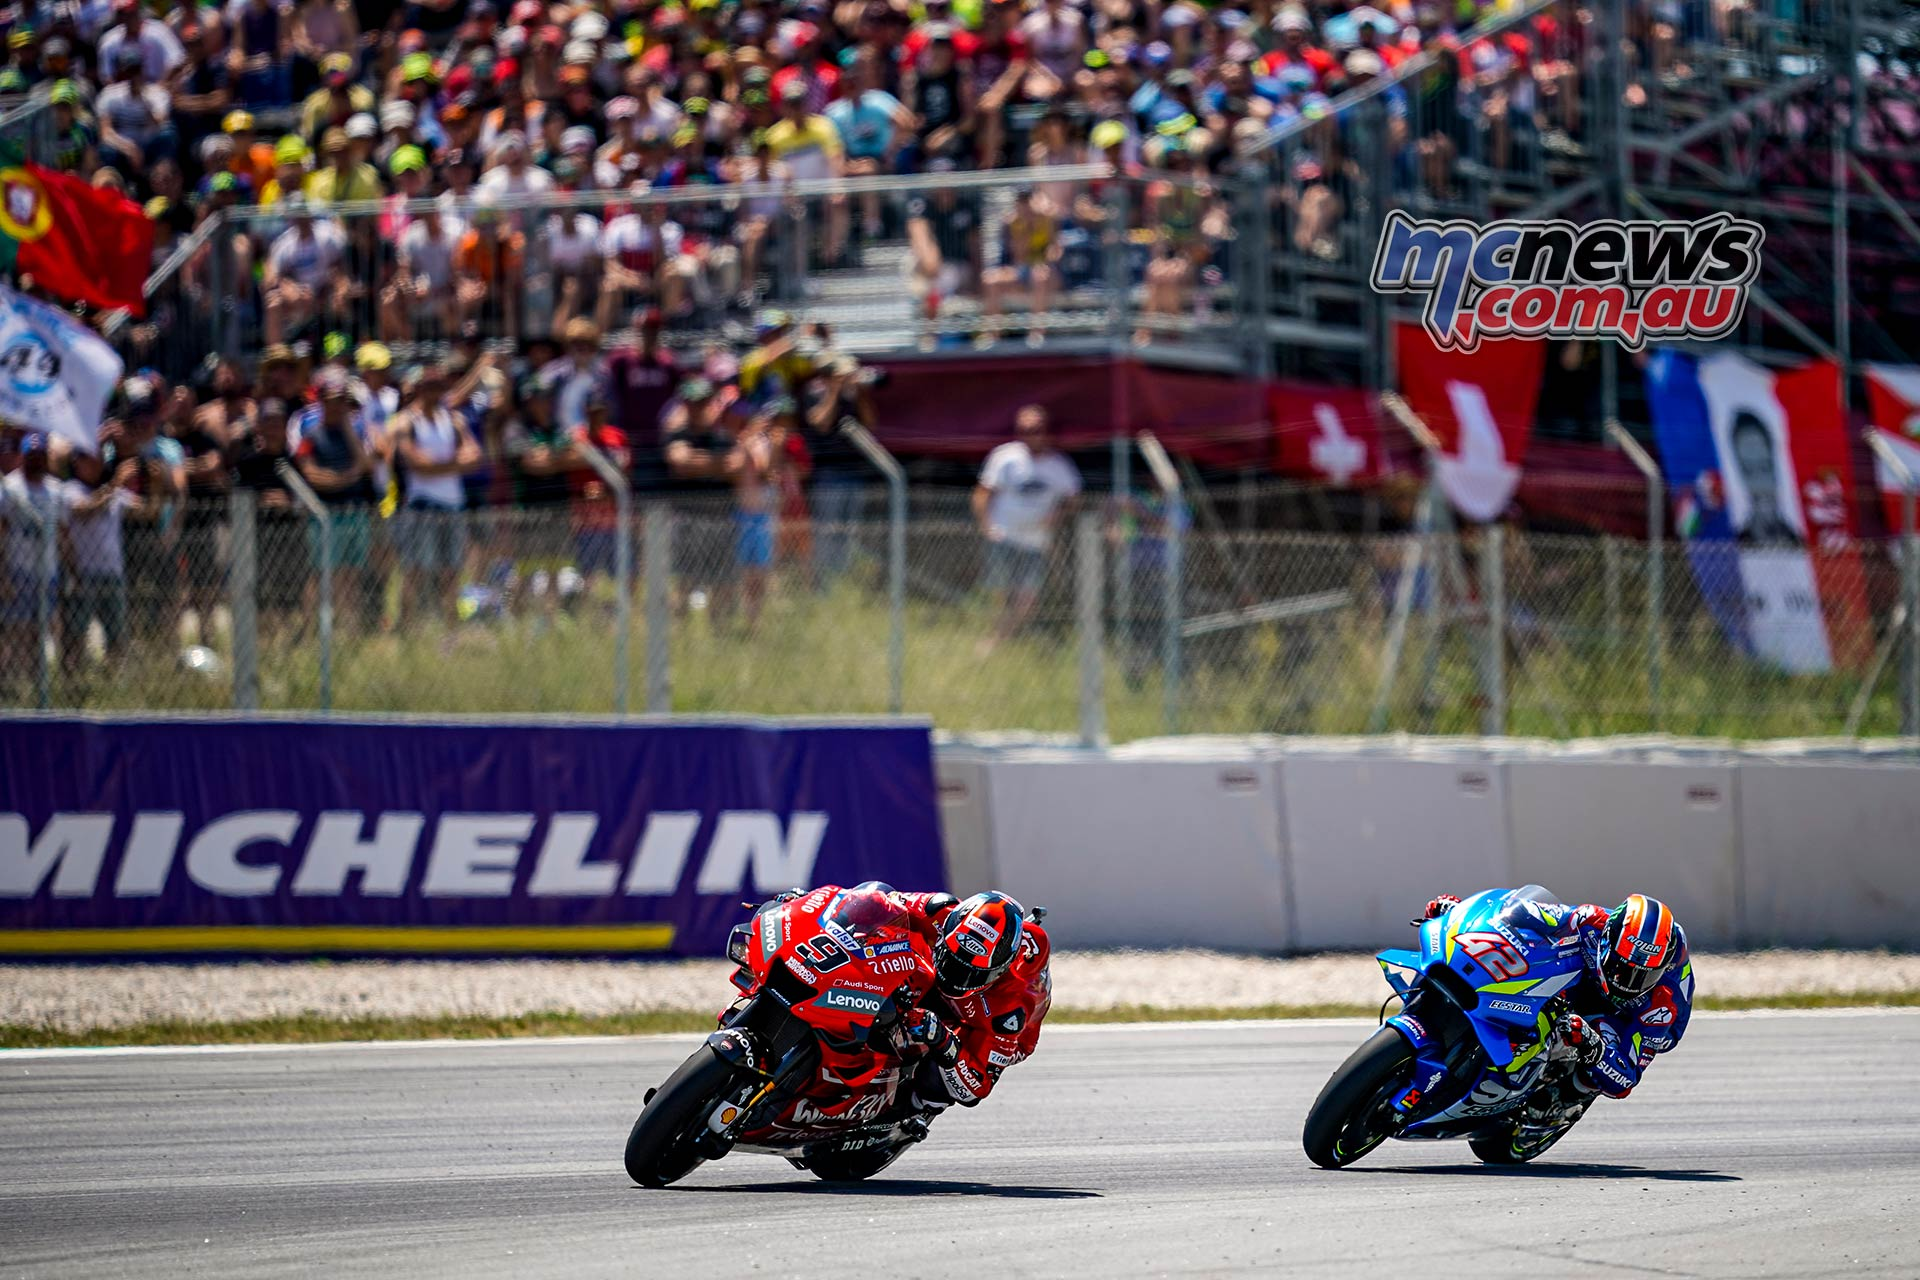 MotoGP Rnd Catalunya Petrucci Rins